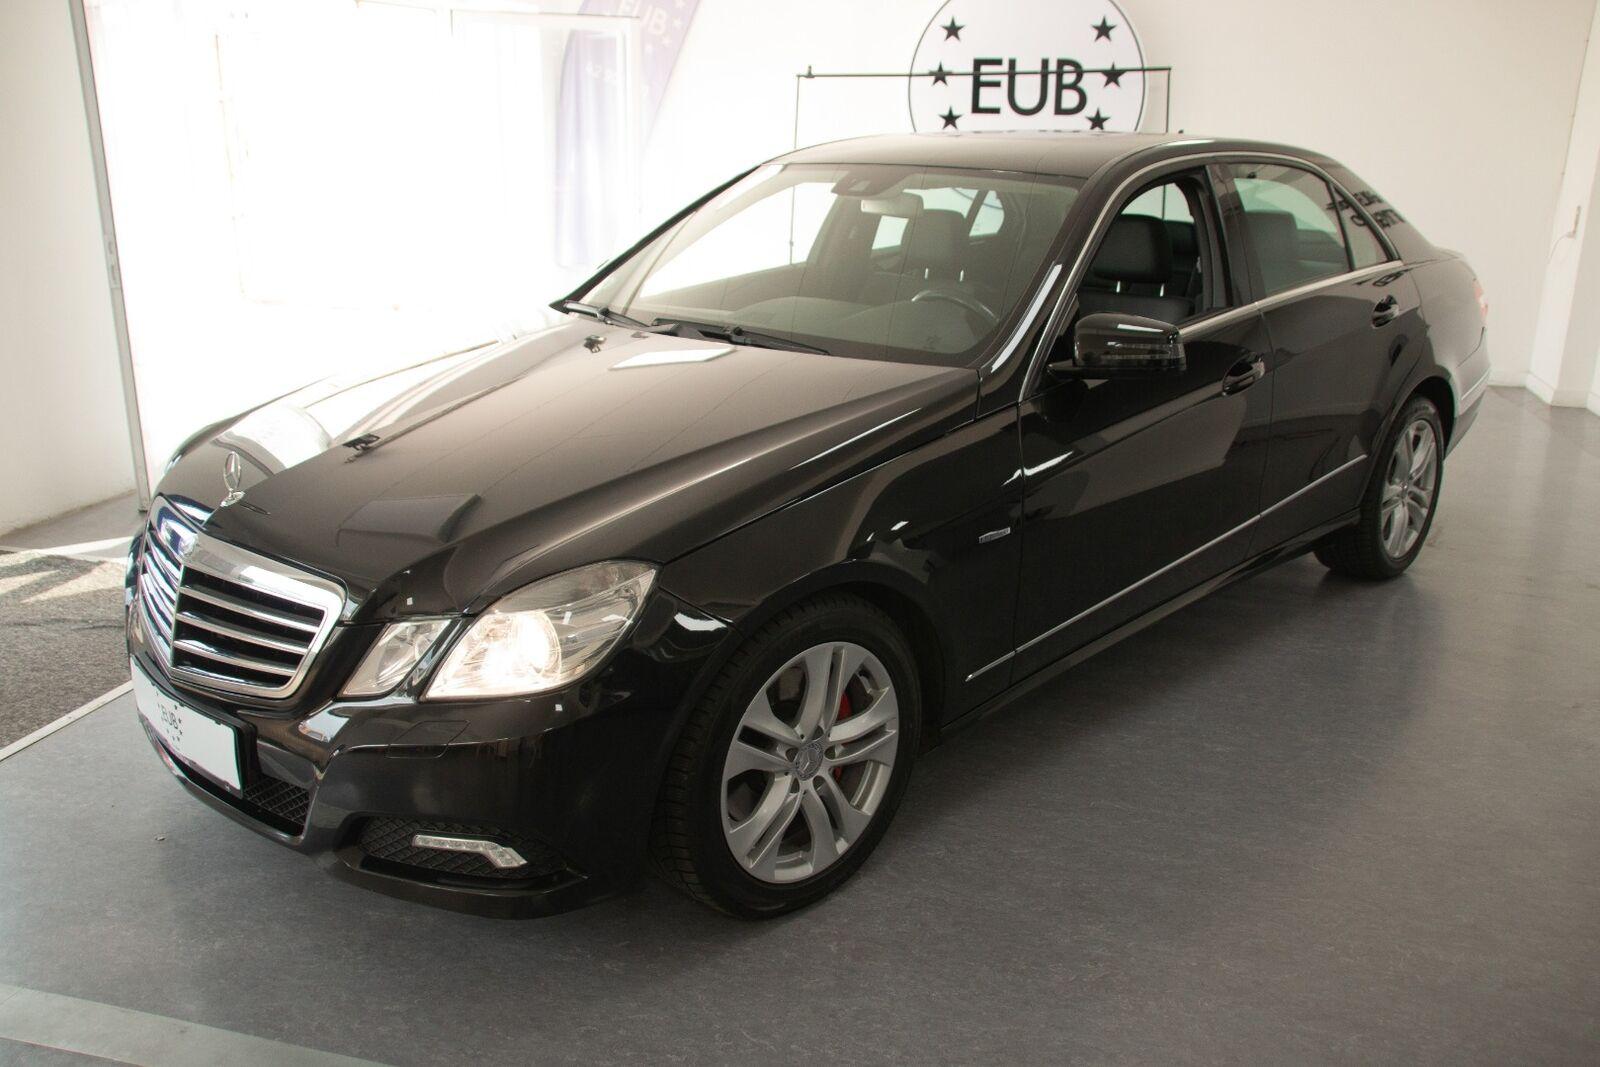 Mercedes E350 3,0 CDi Avantgarde aut. BE 4d - 130.000 kr.